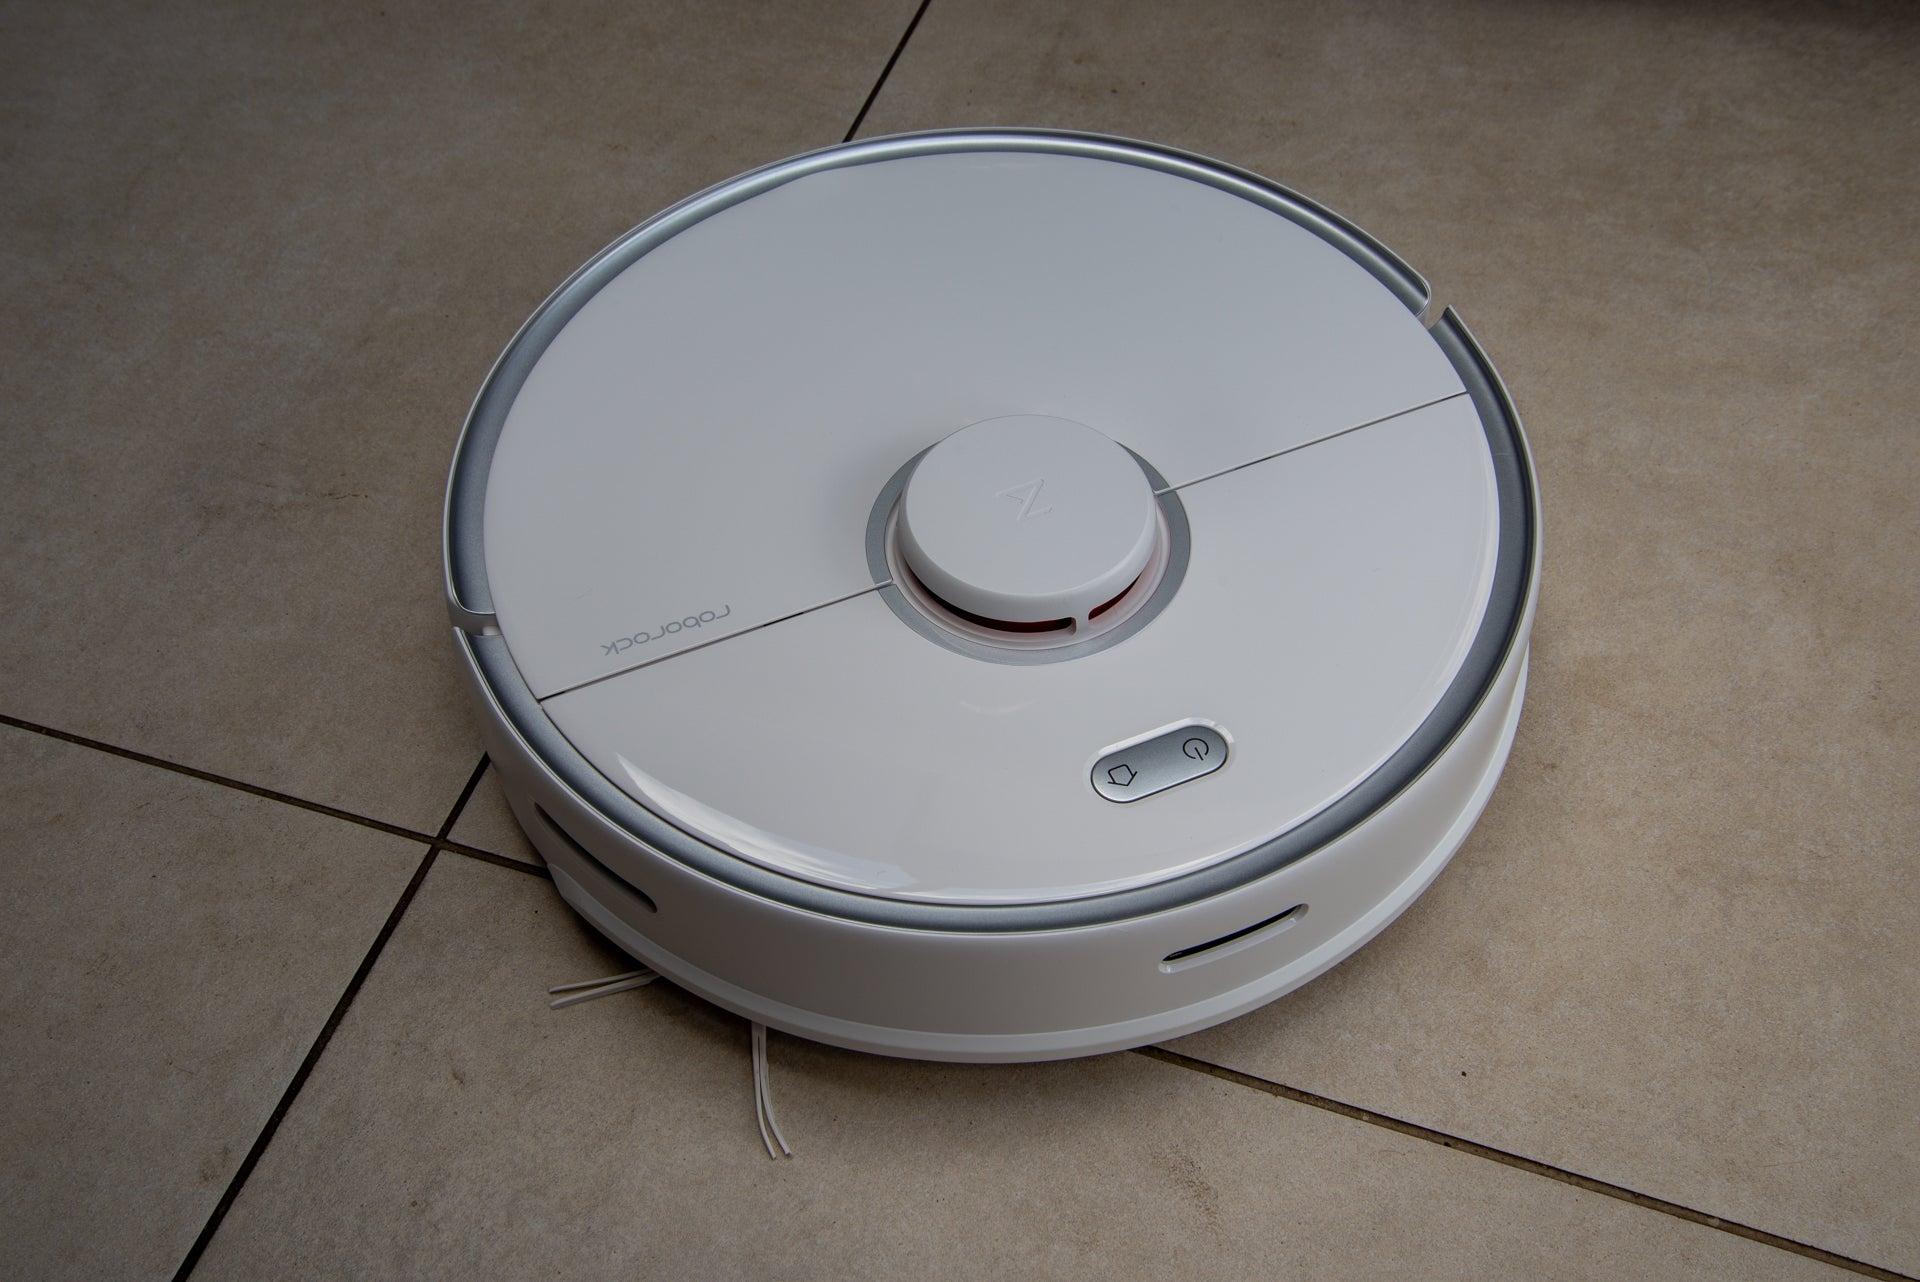 Bästa robotdammsugare 2021: Rengör mattor, hårda golv och moppa automatiskt